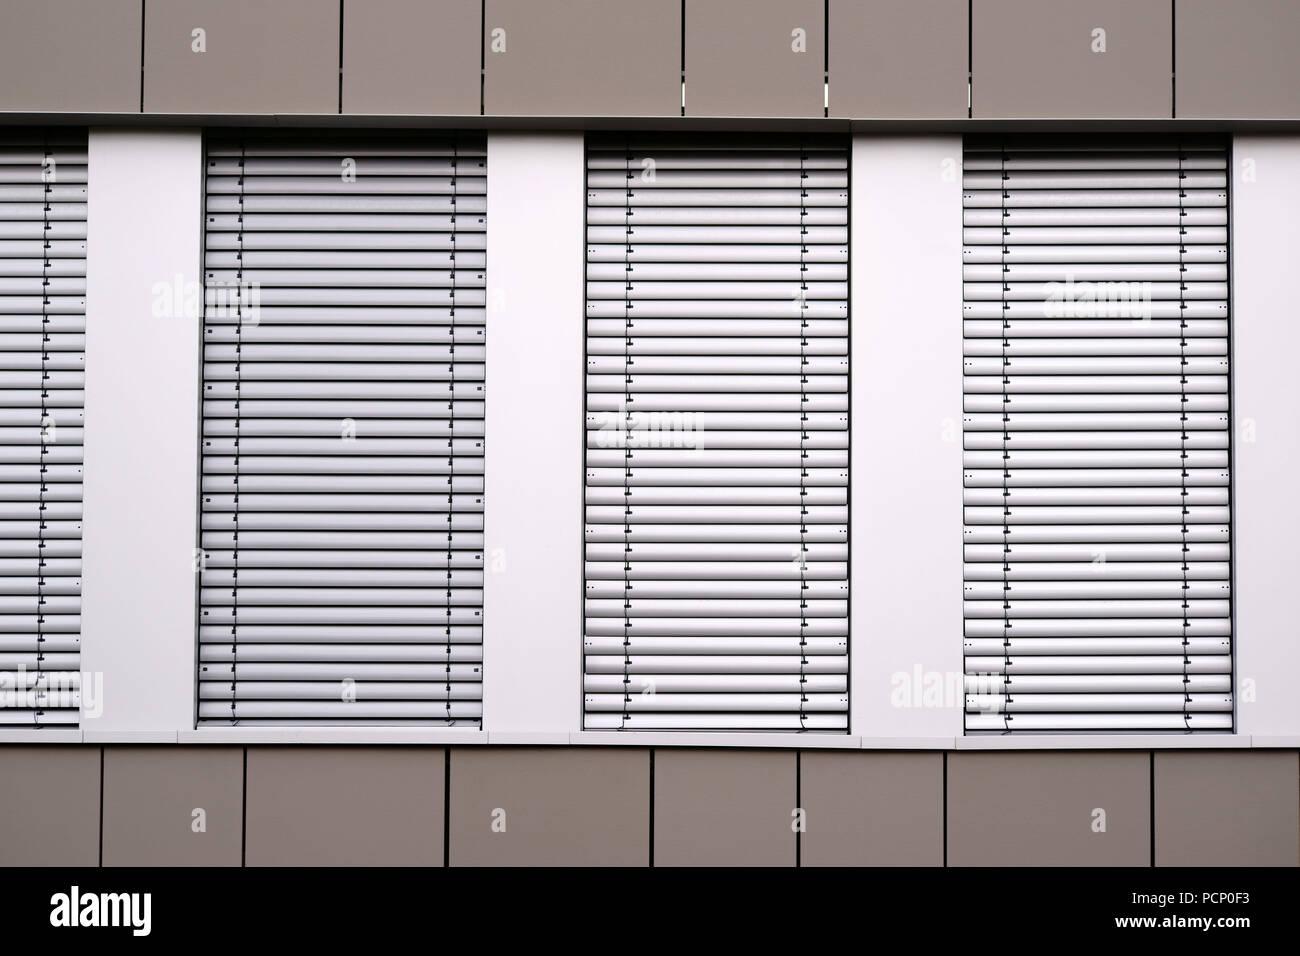 e0f65251b7 La moderna fachada de un edificio de oficinas con filas de ventanas y  persianas de metal